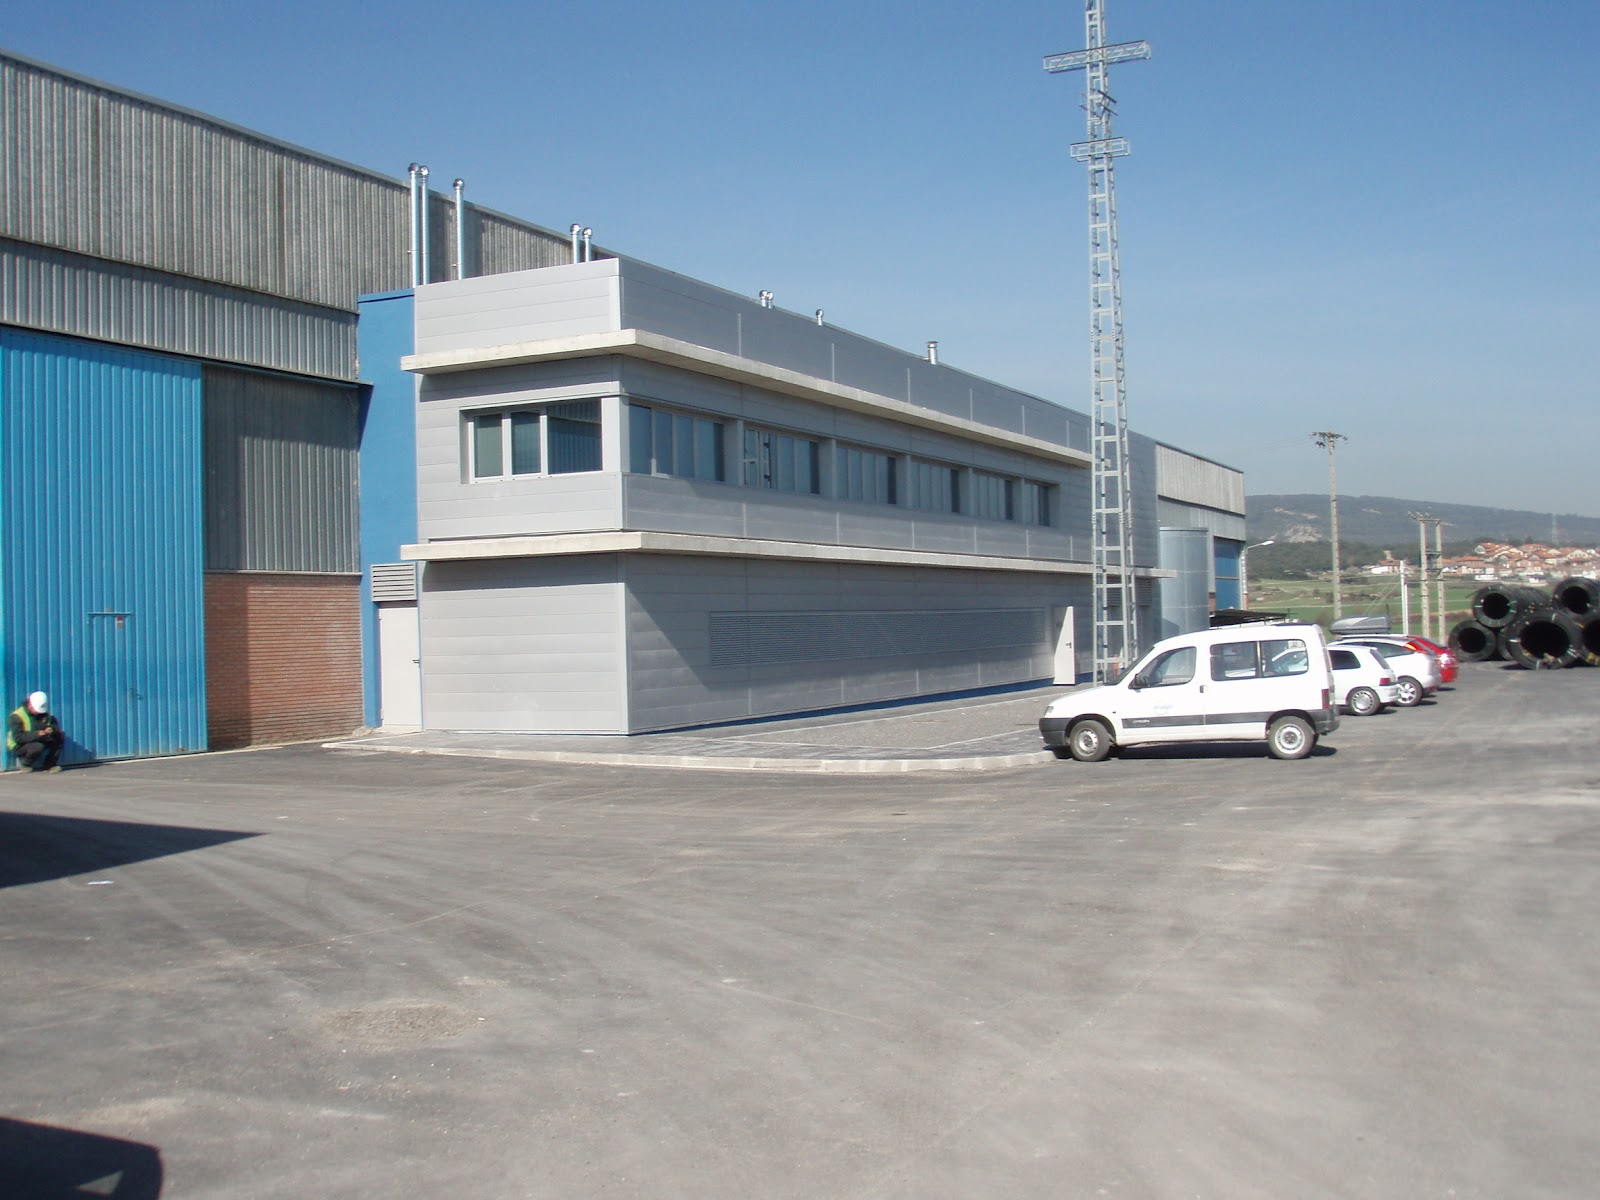 Oficinas industriales for Oficina correos vitoria